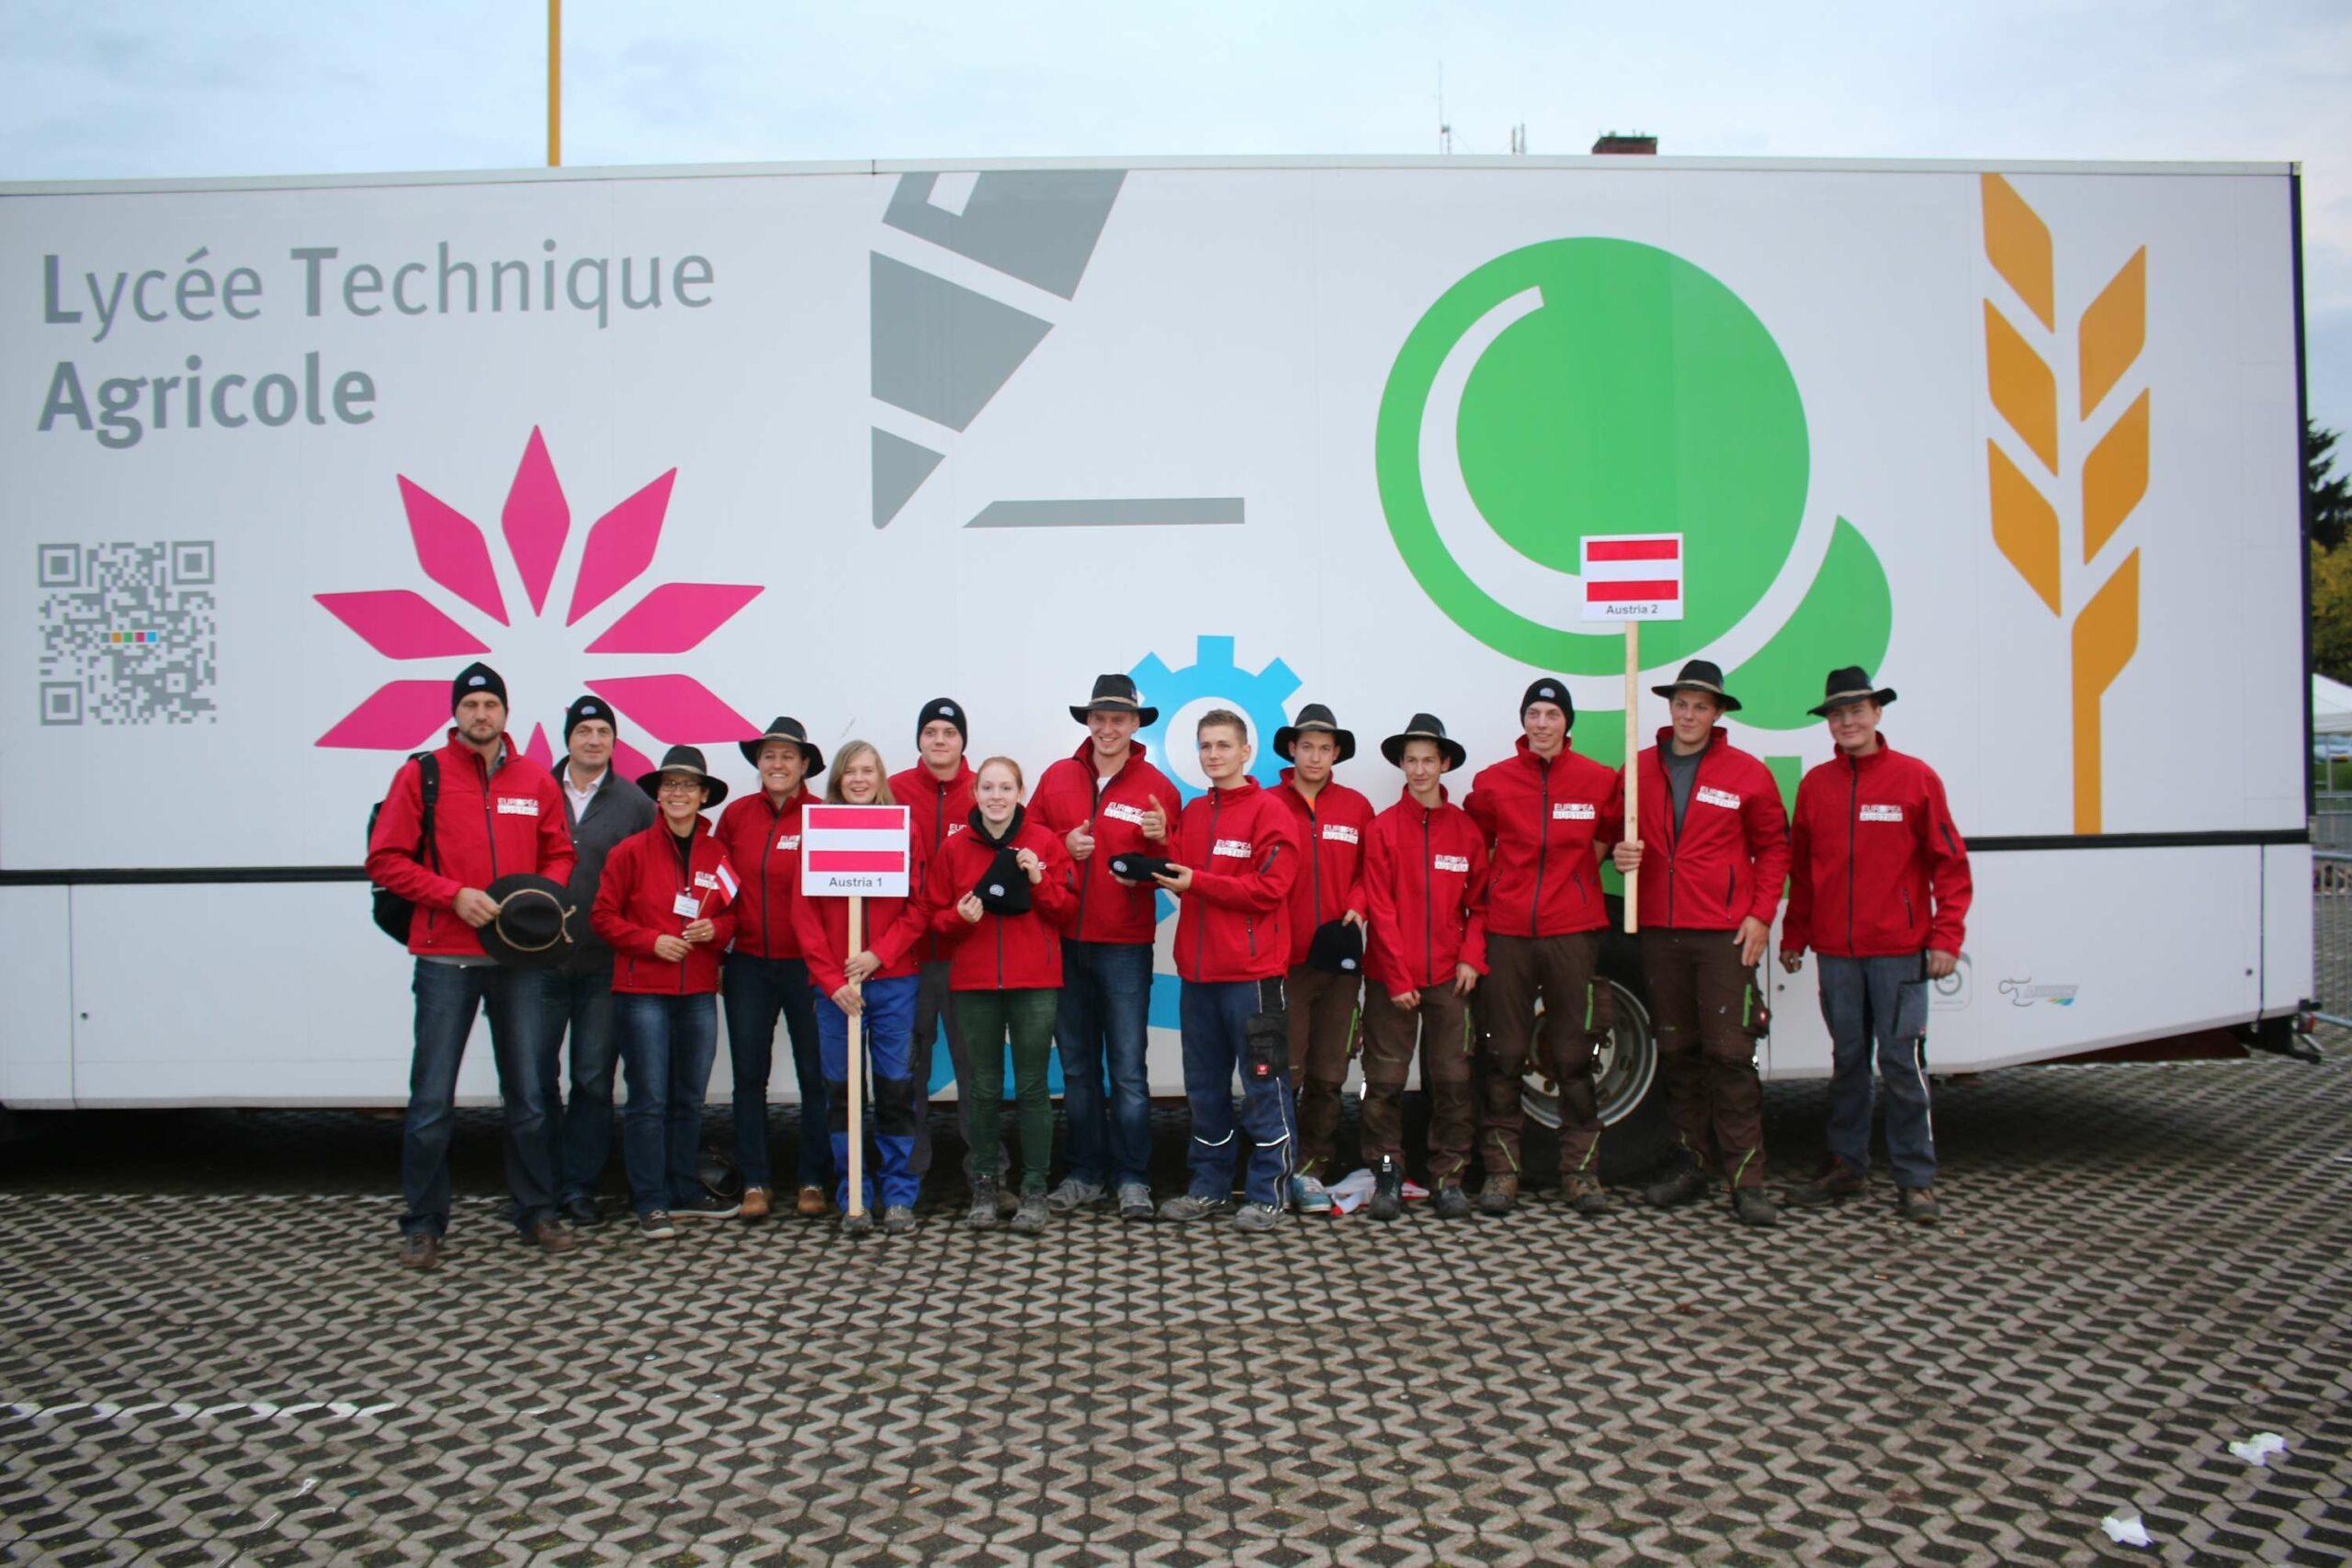 Das österreichische Team bei der 1. EUROPEA Agrolympics in Luxembourg 2015